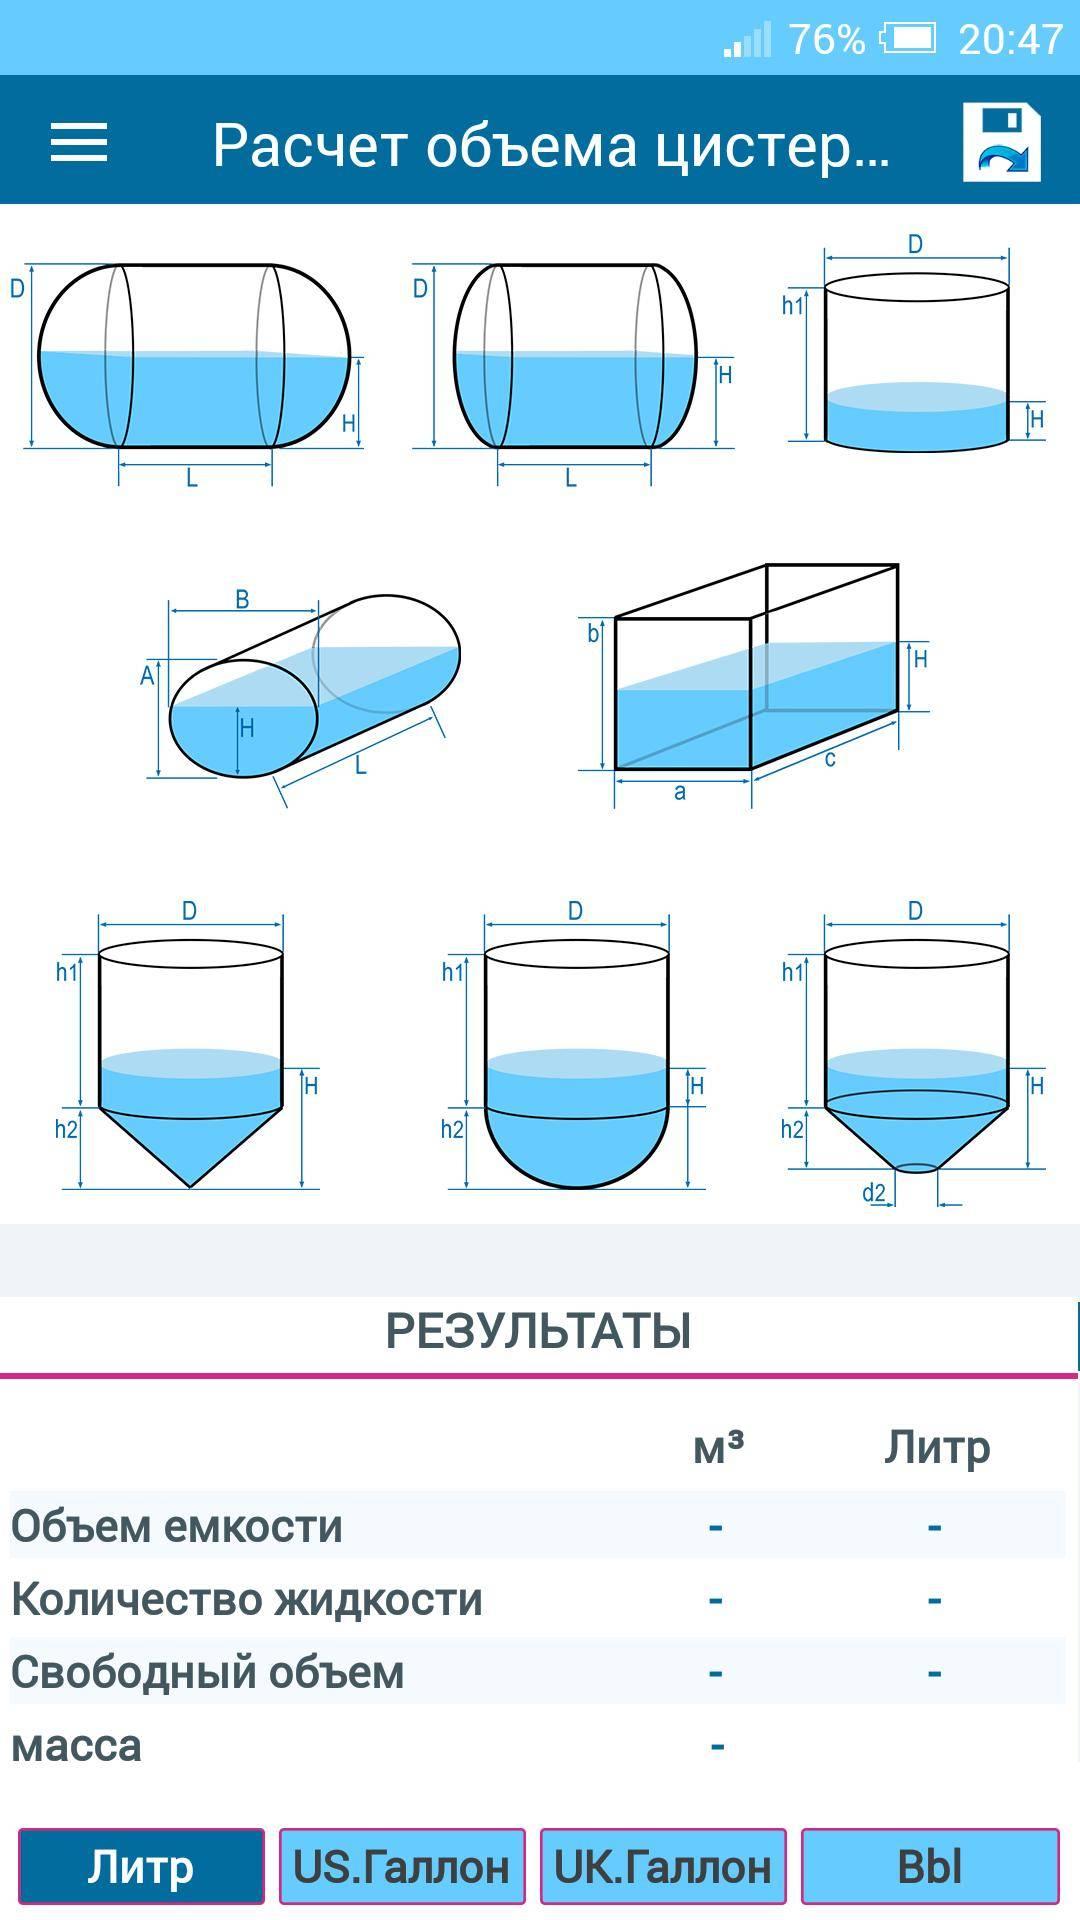 Расчет объема воды по сечению трубы - отопление